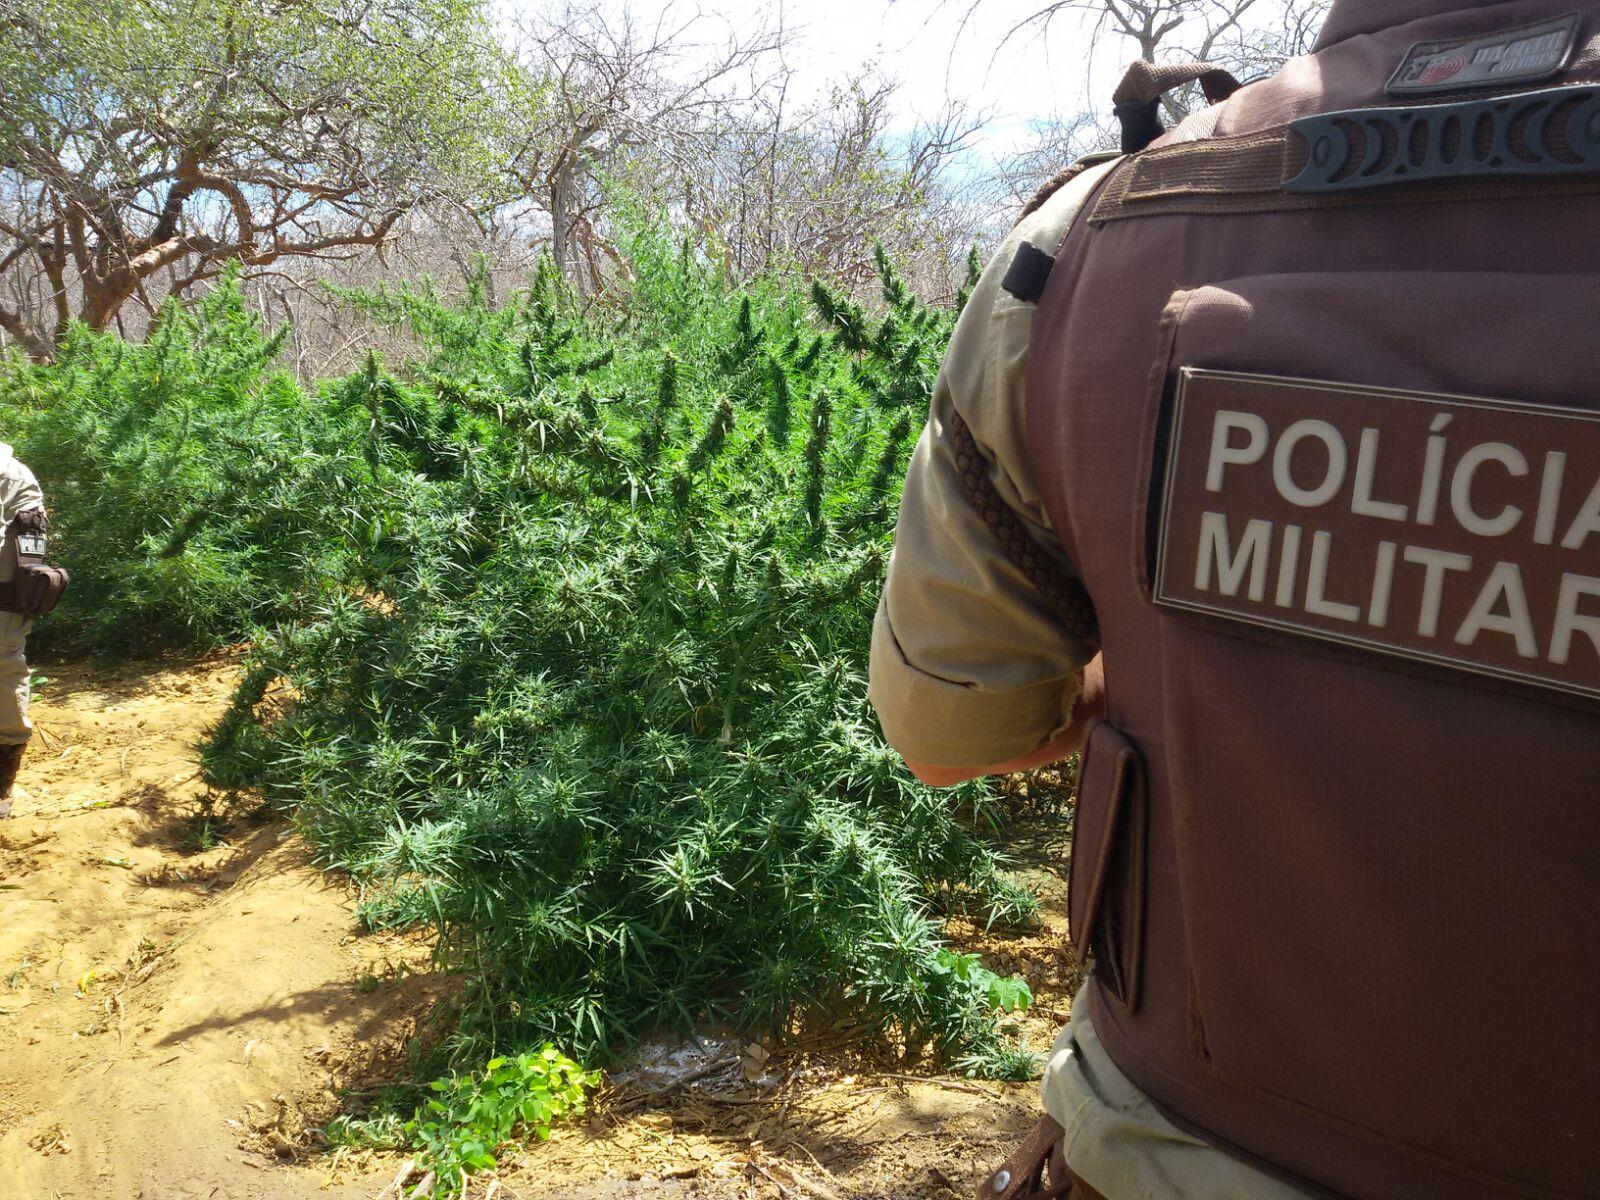 Polícia erradica mais de 2.500 pés de maconha na região de Irecê